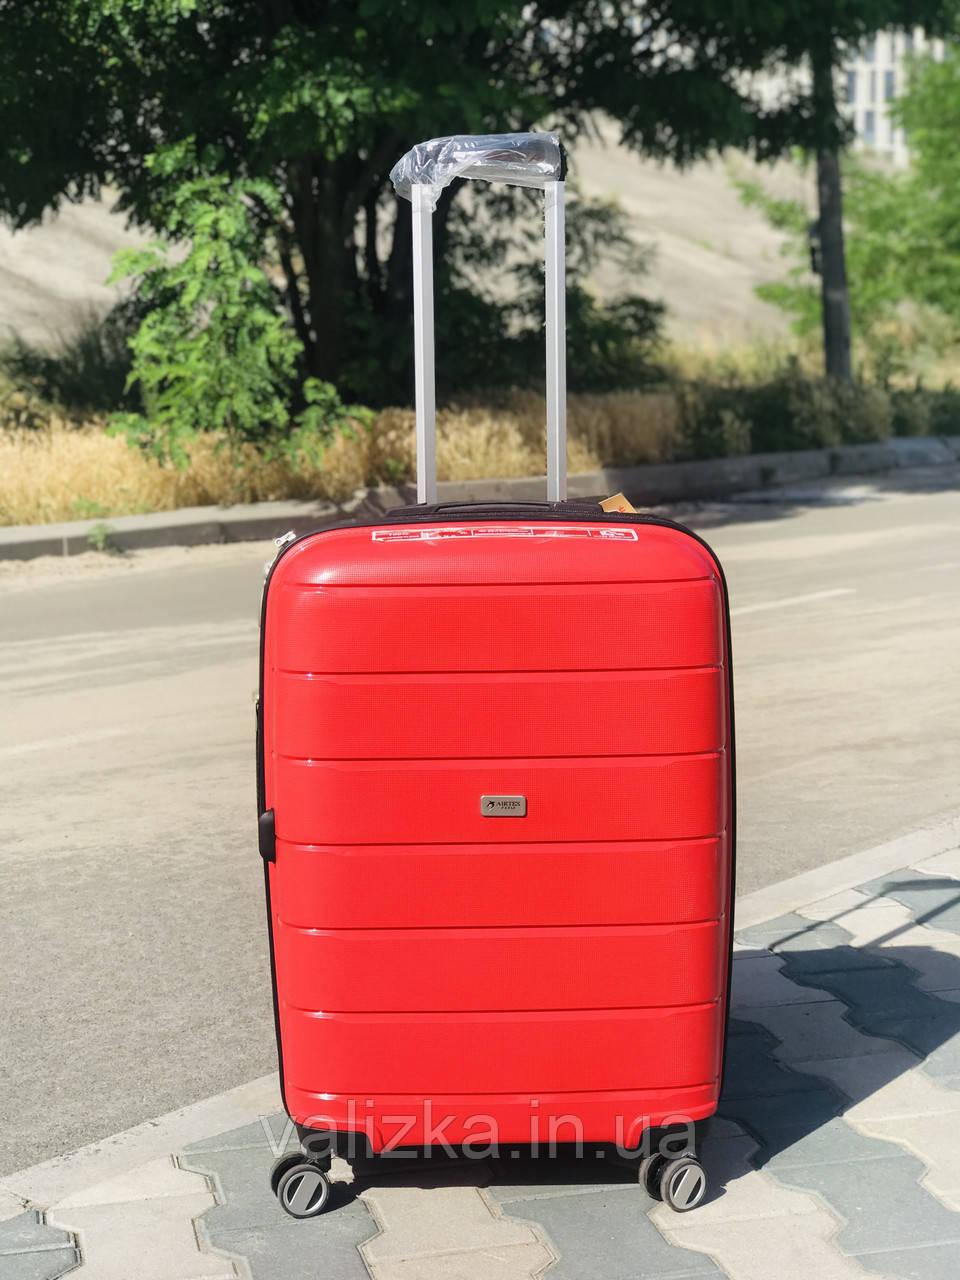 Пластиковый чемодан из полипропилена средний красного цвета  Франция